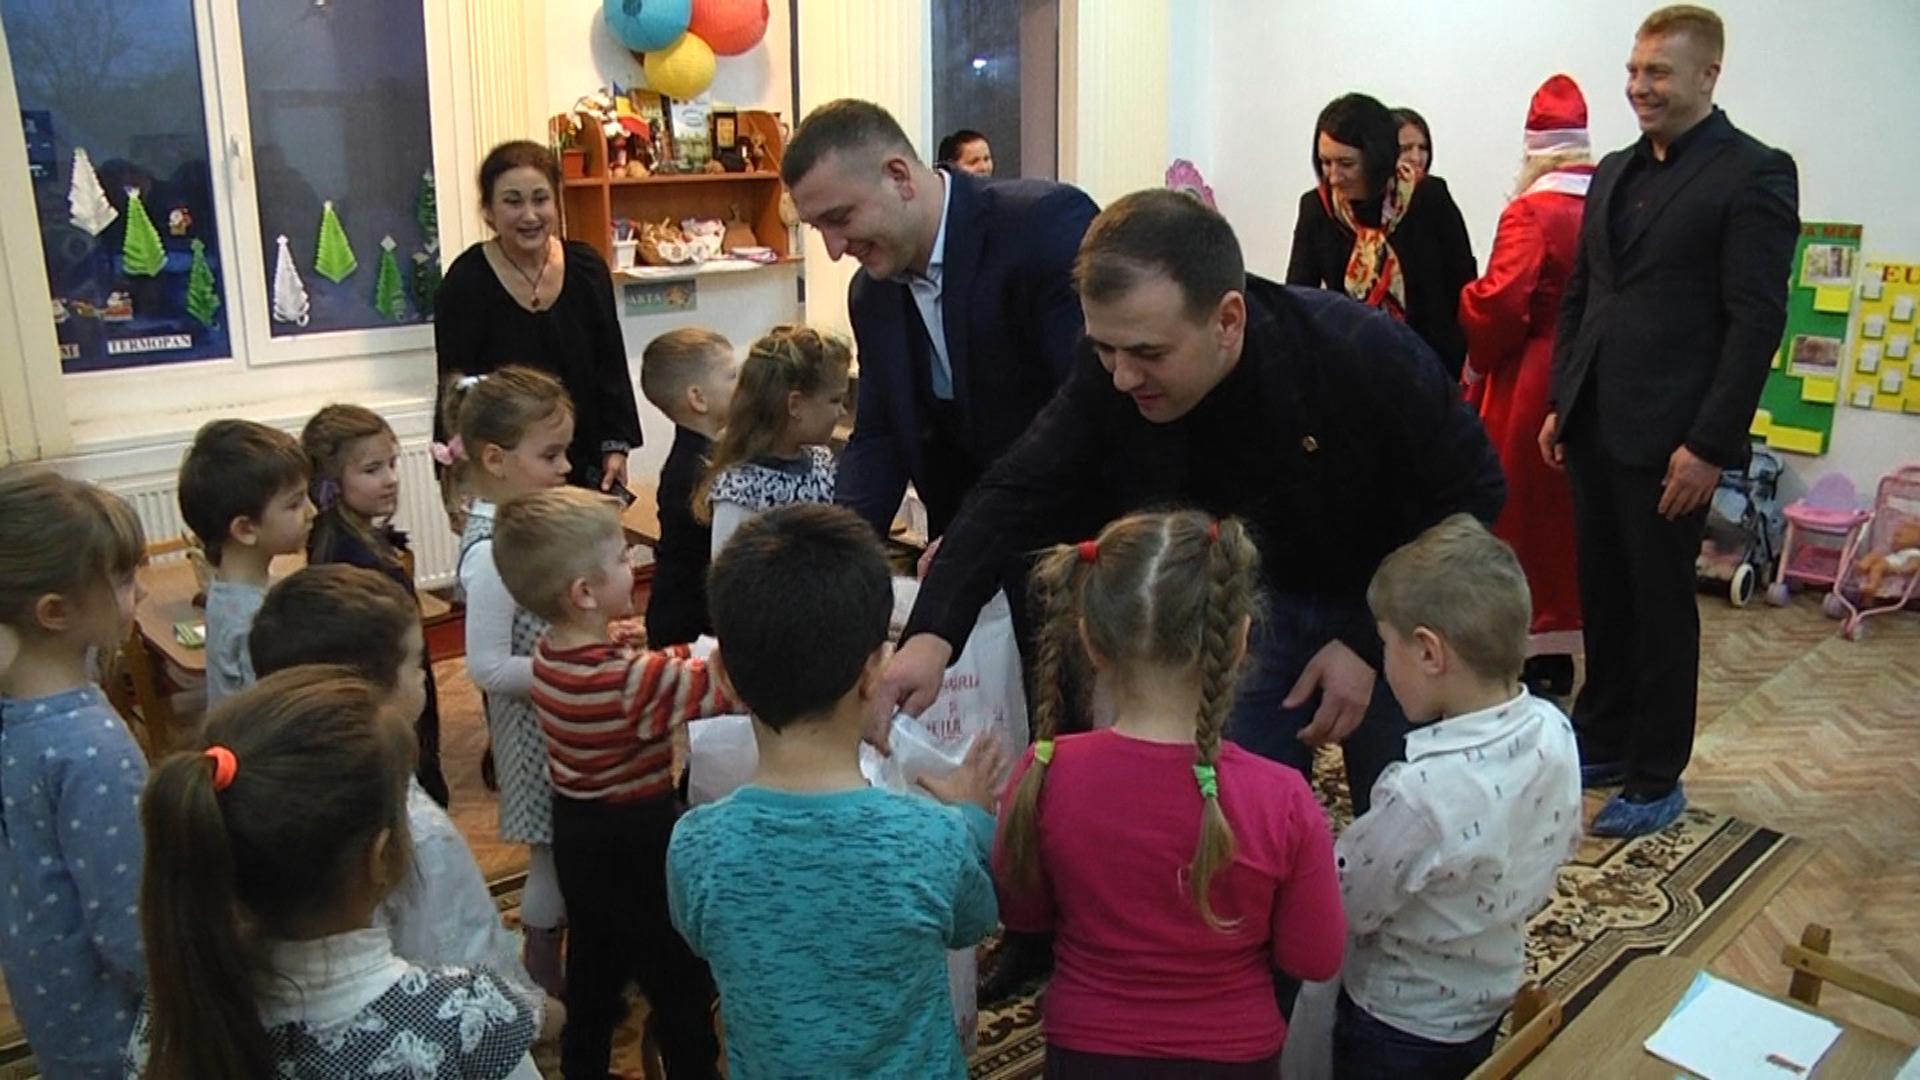 Moş Crăciun de la Răzvad  a poposit la Mileştii Mici din raionul Ialoveni, Republica Moldova